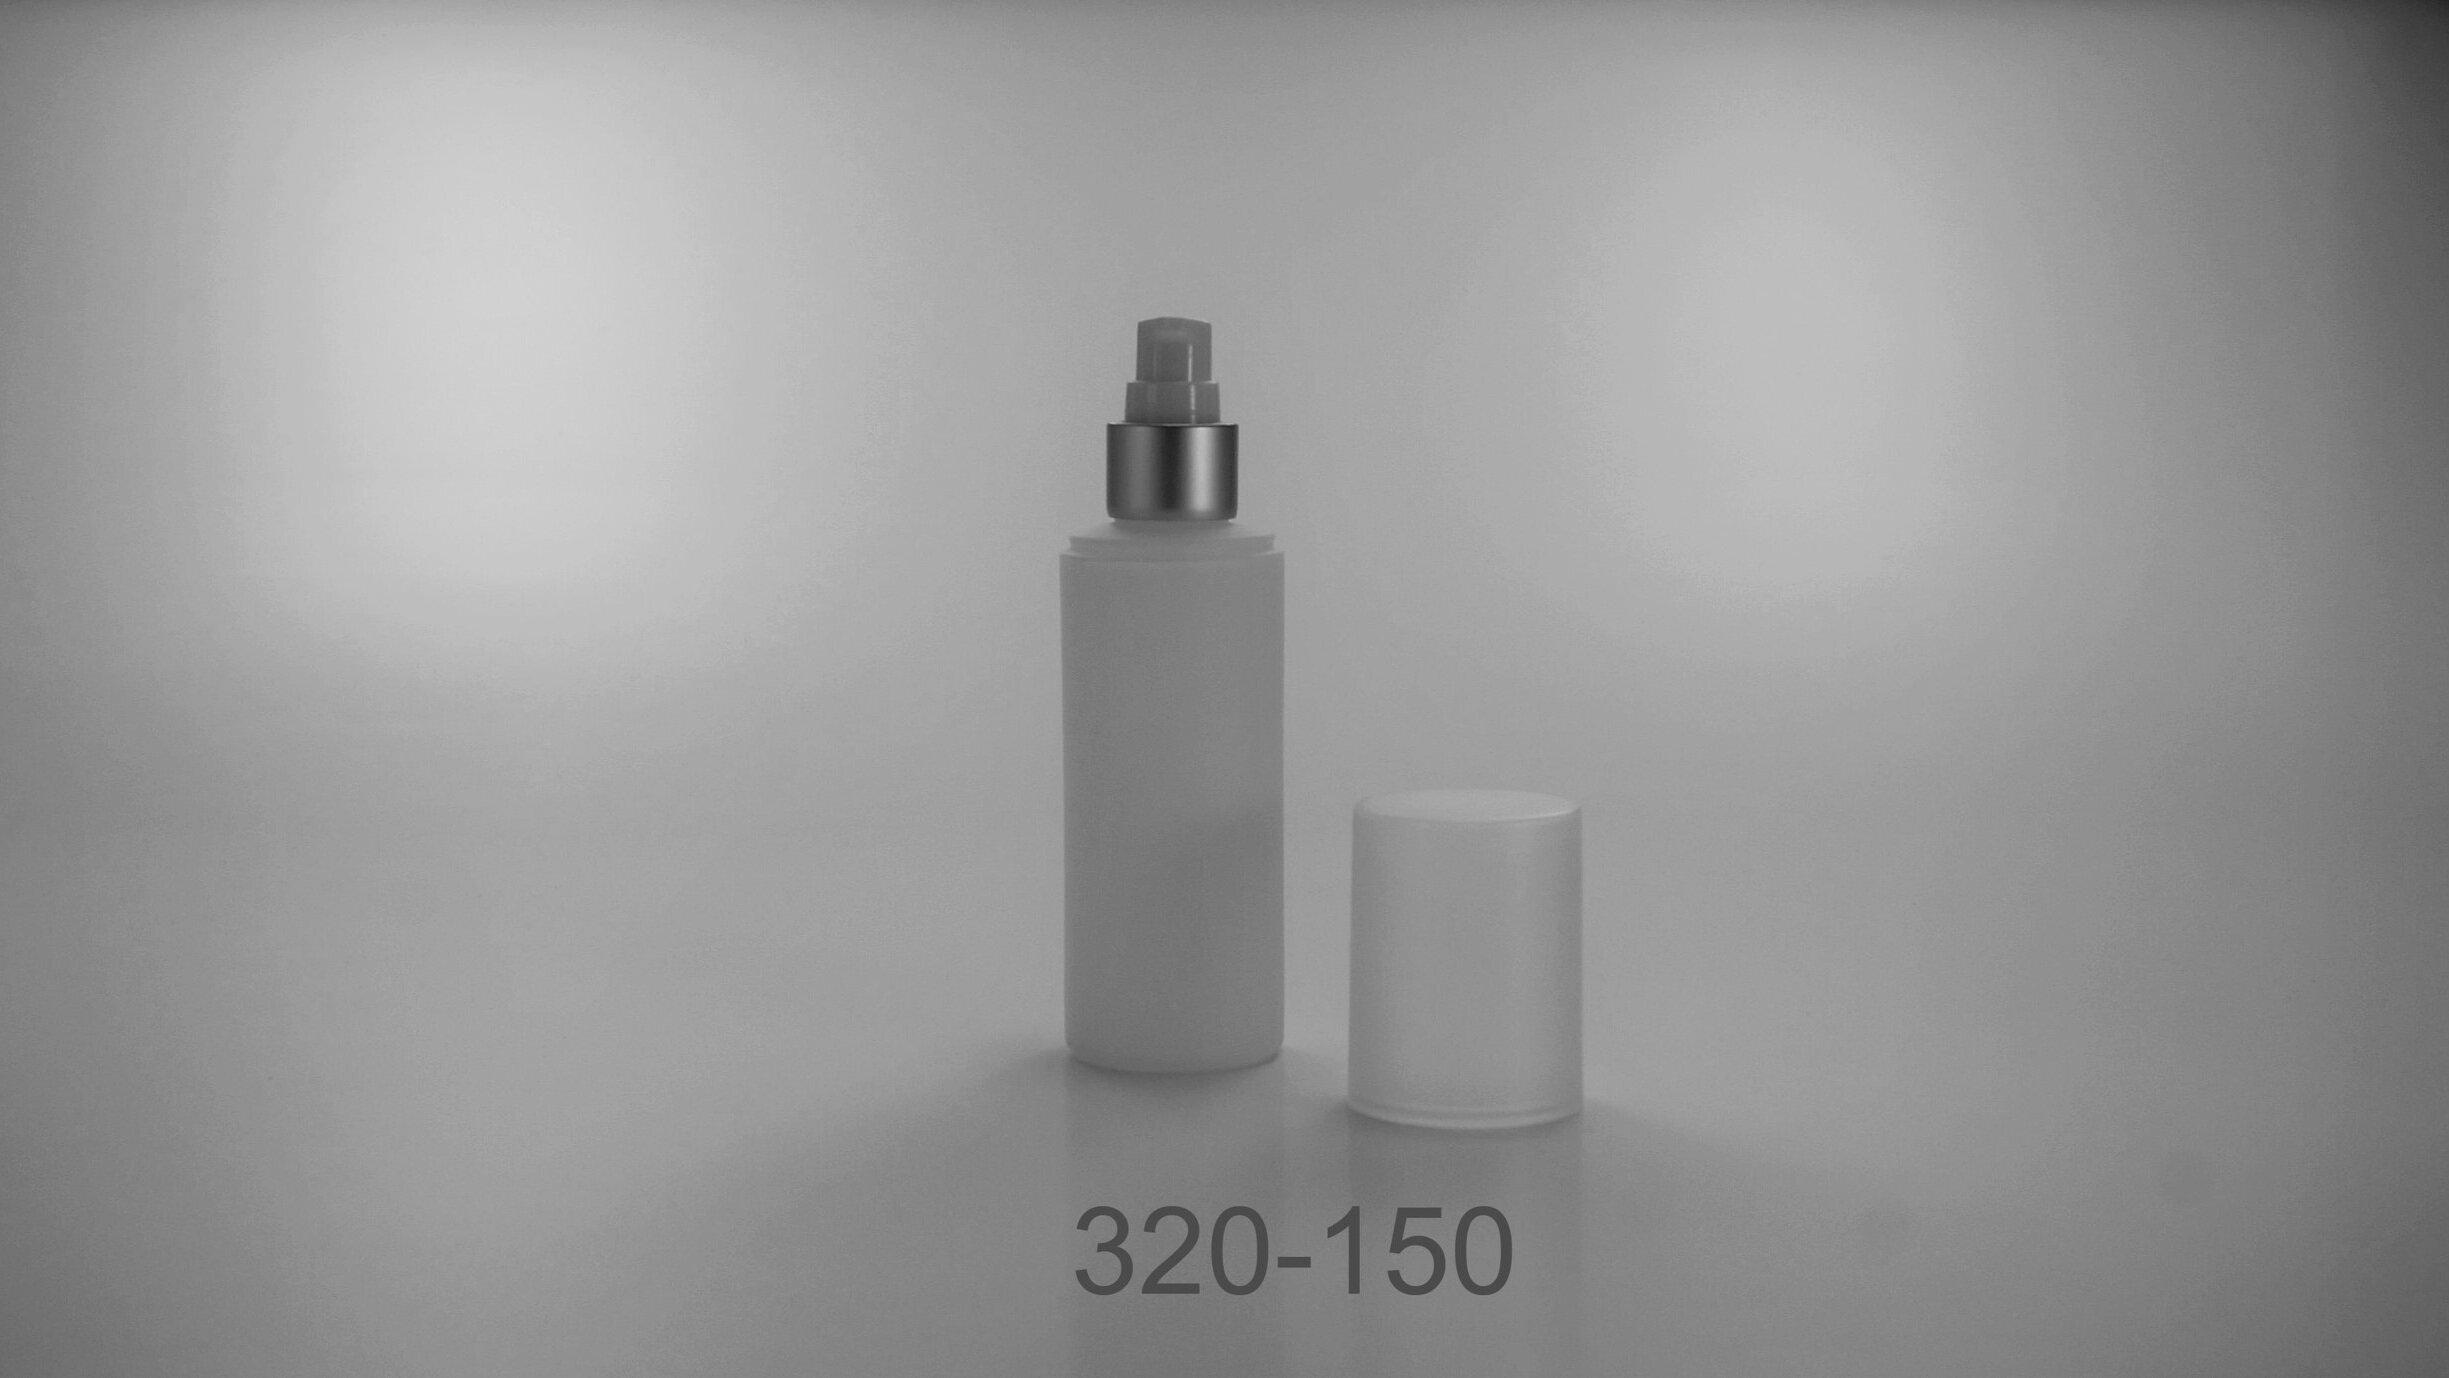 320-150.jpg